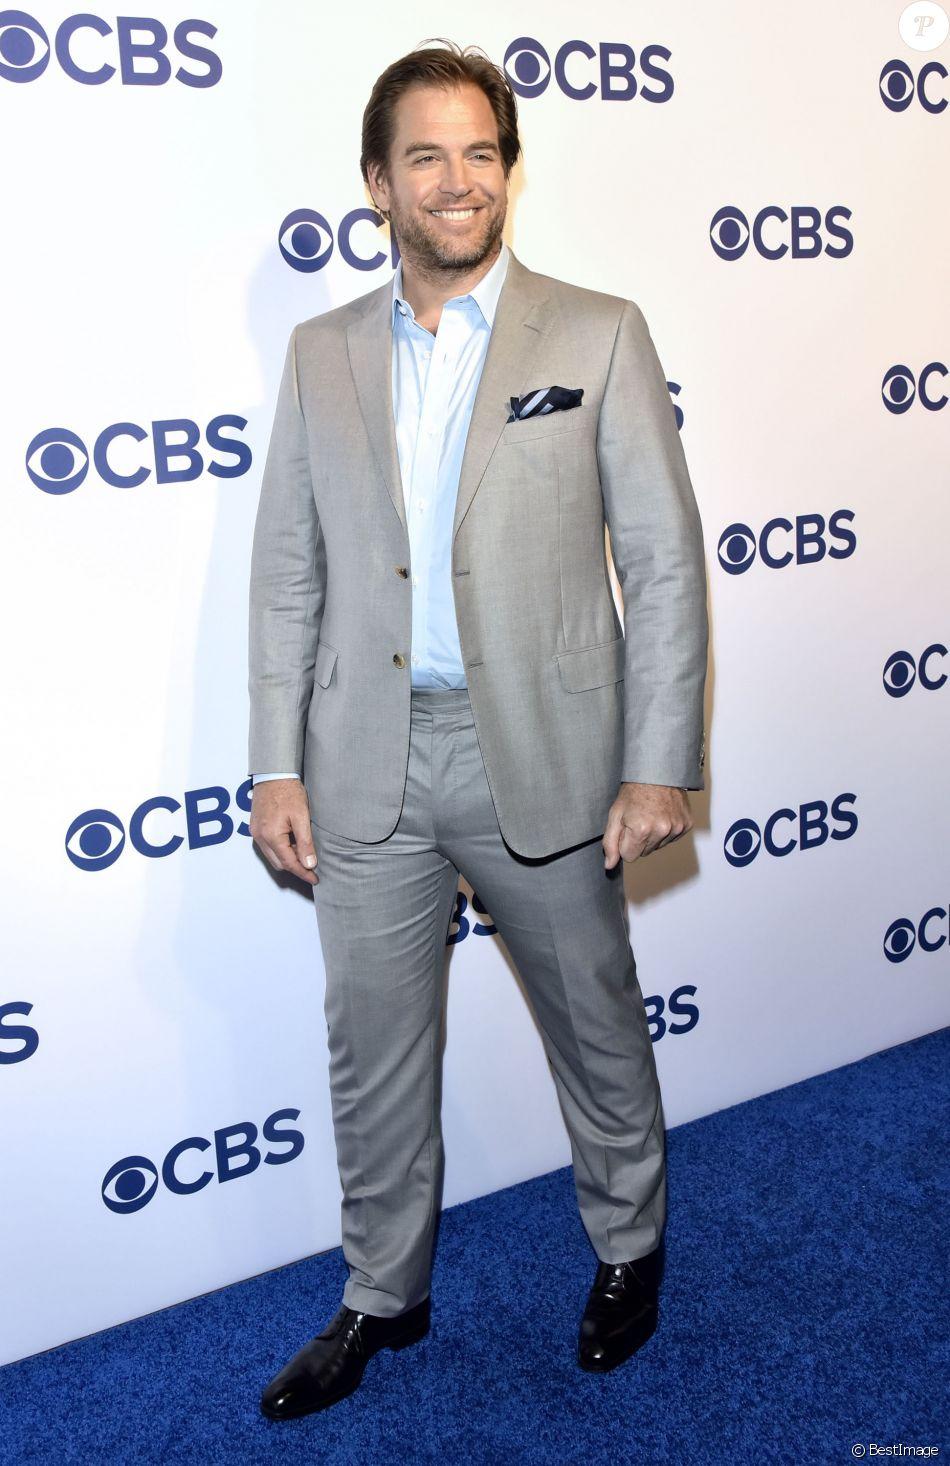 Michael Weatherly à la soirée CBS Upfront au Oak Room à New York, le 18 mai 2016